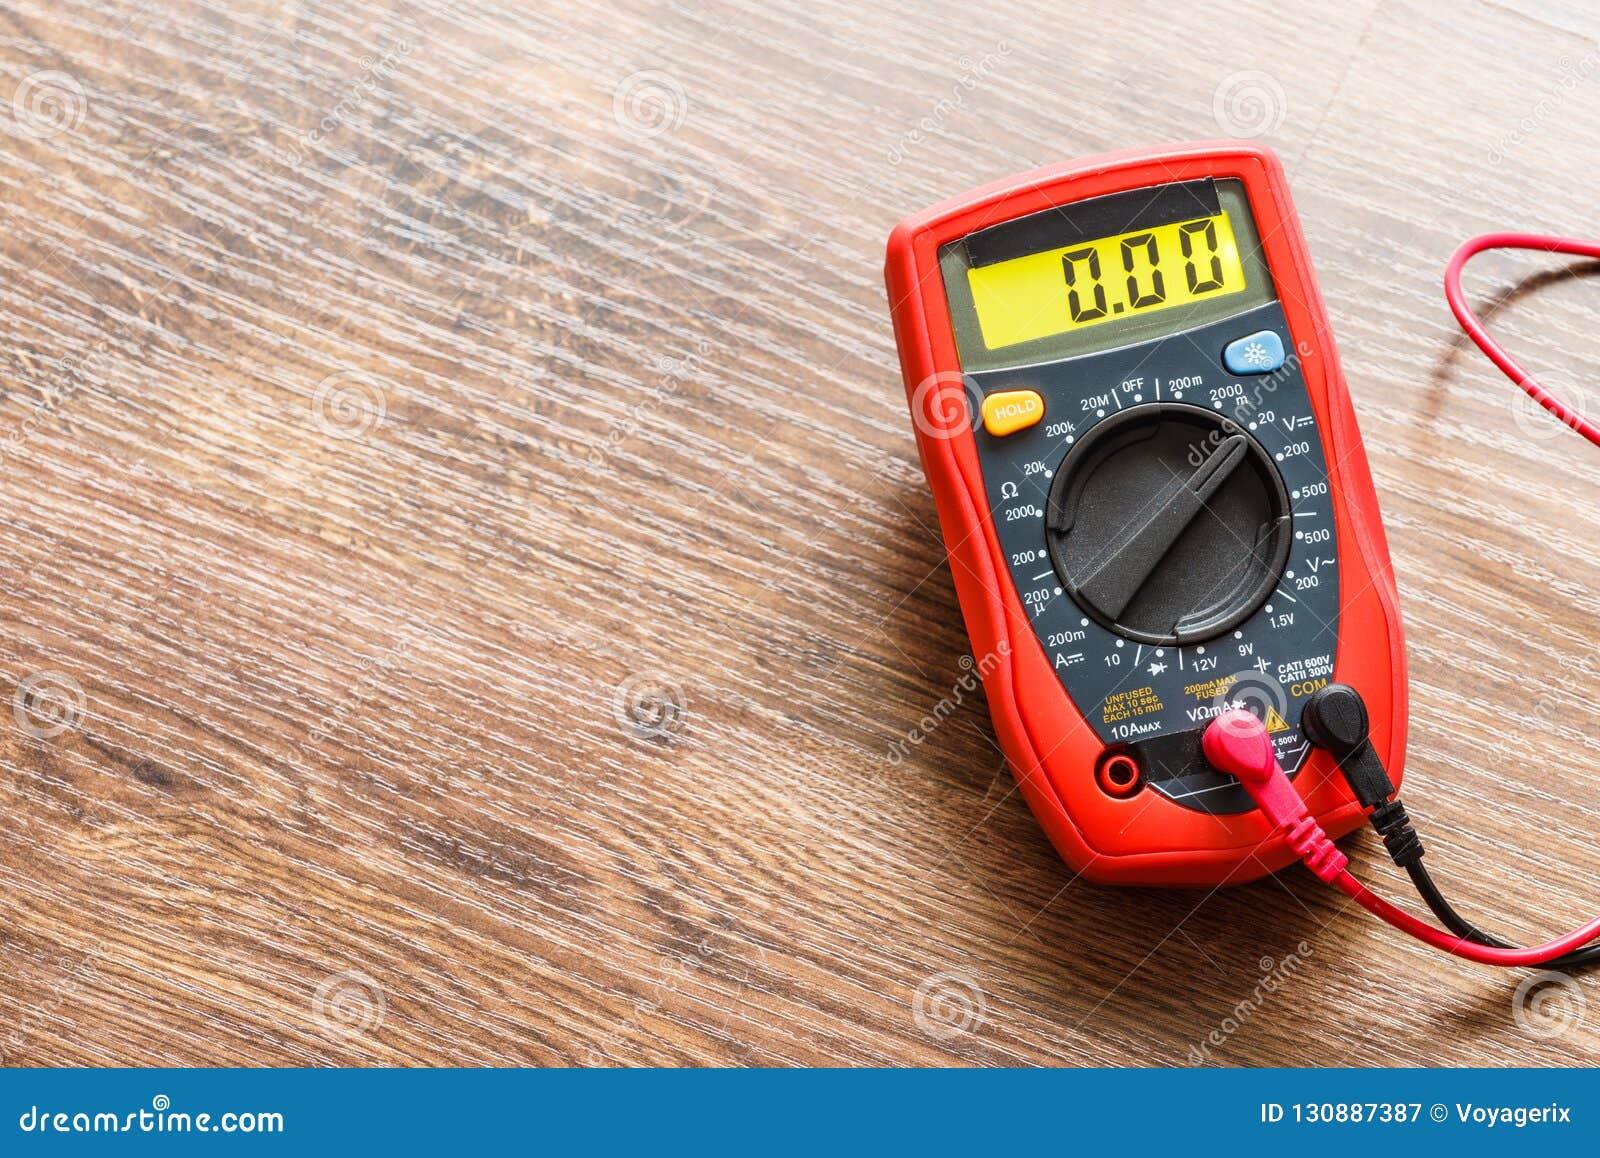 Multimeter dla pomiaru woltaż